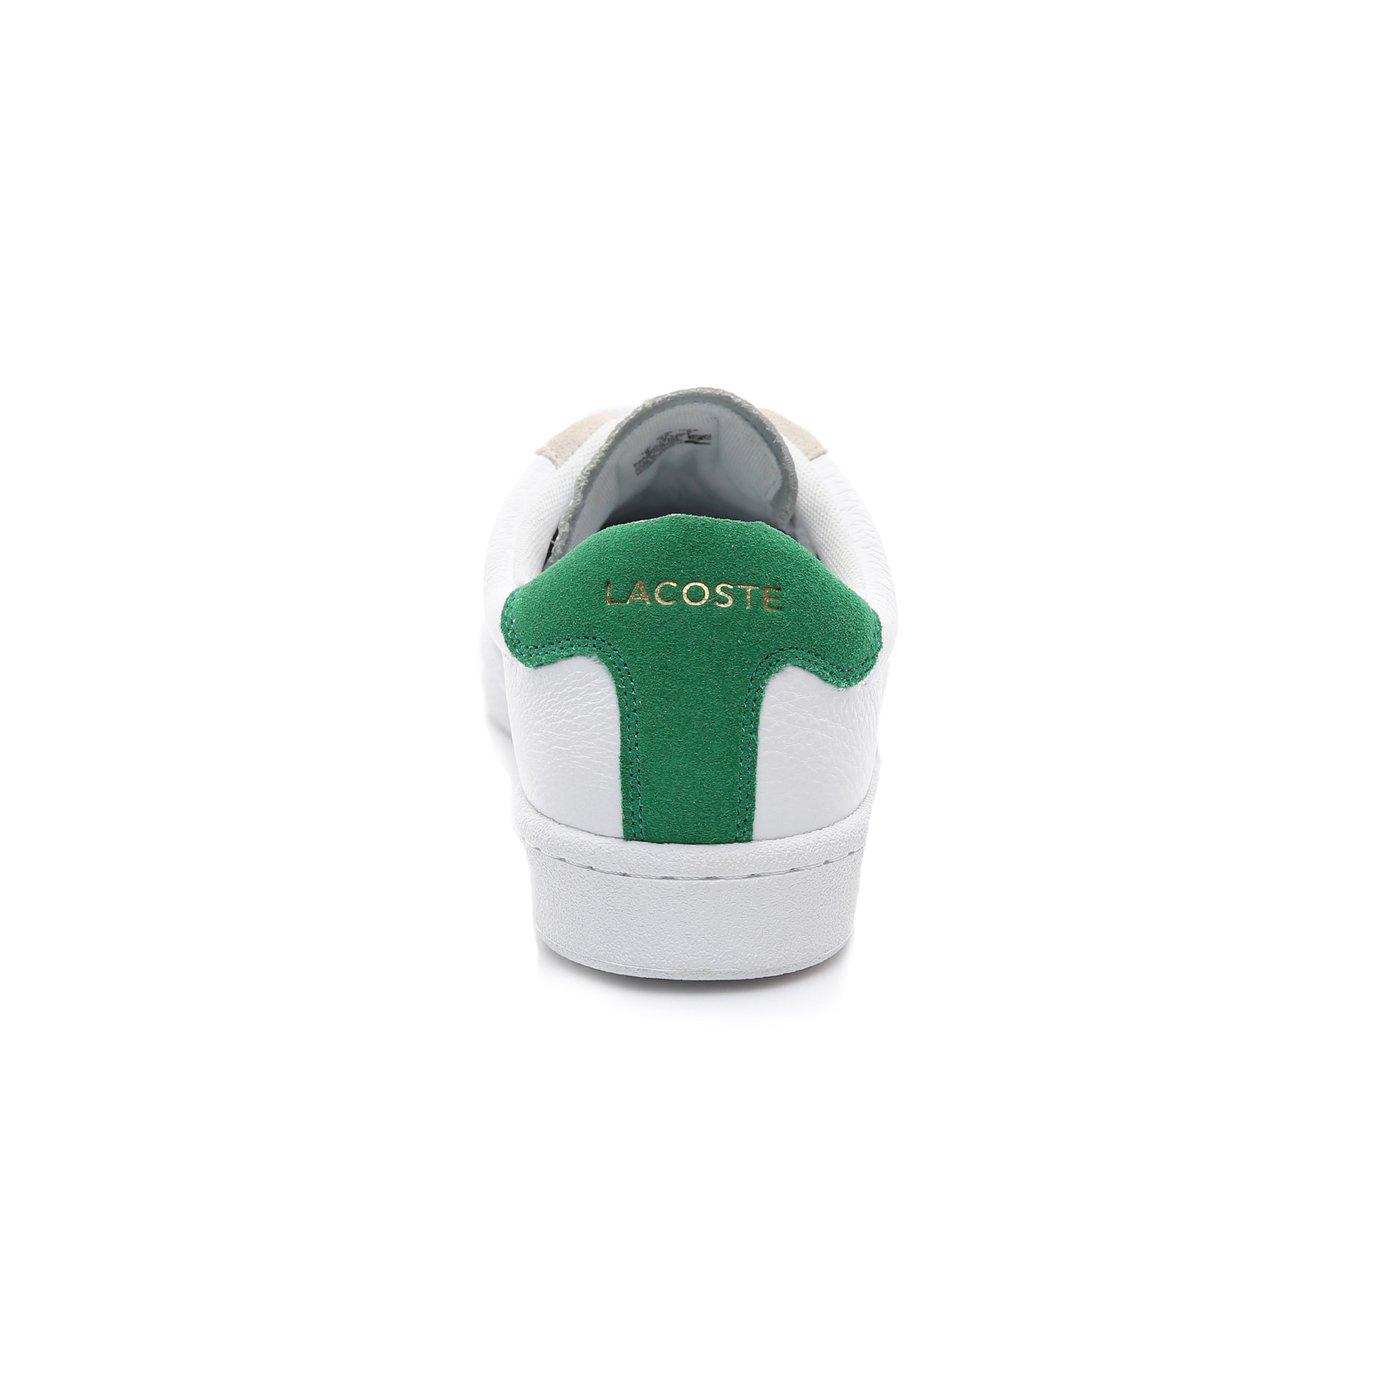 Lacoste Erkek Beyaz - Yeşil Masters 119 2 Spor Ayakkabı